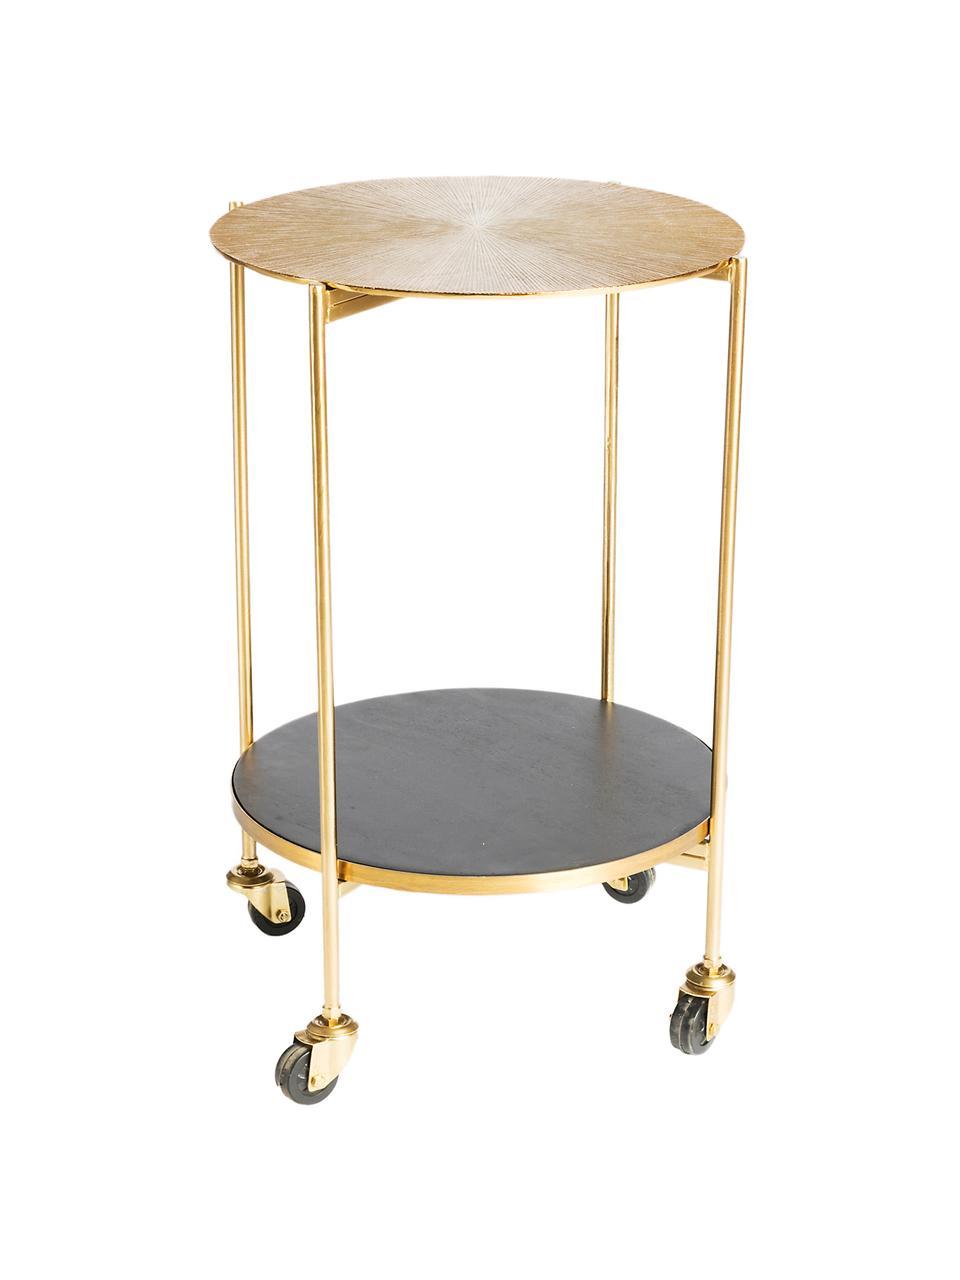 Wózek barowy Granta, Złoty, drewno mangowe, Ø 45 x W 60 cm